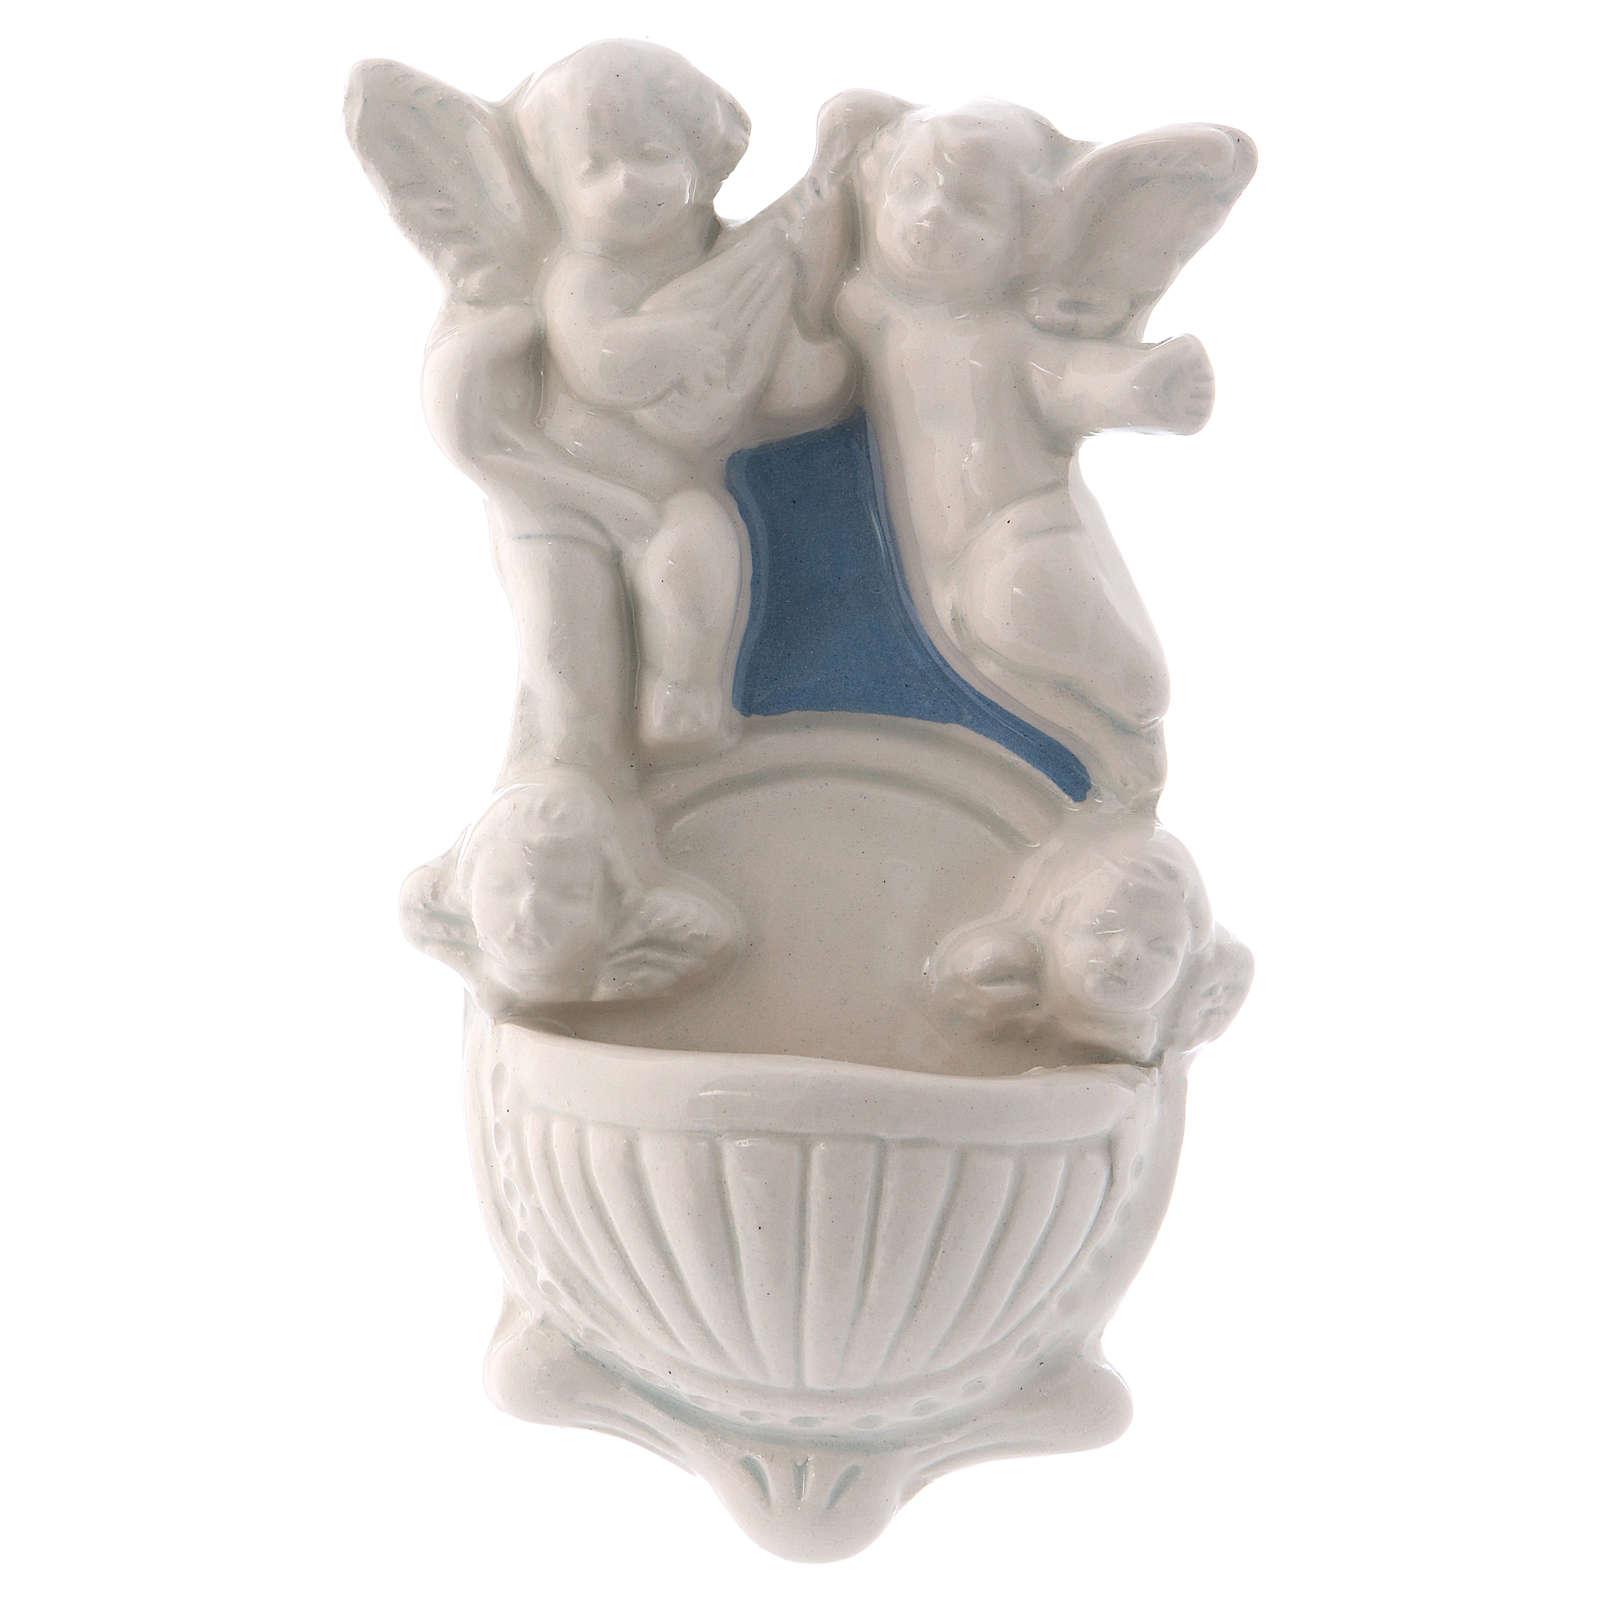 Acquasantiera due angioletti due volti angelo sfondo azzurro 12x7x3 cm 4